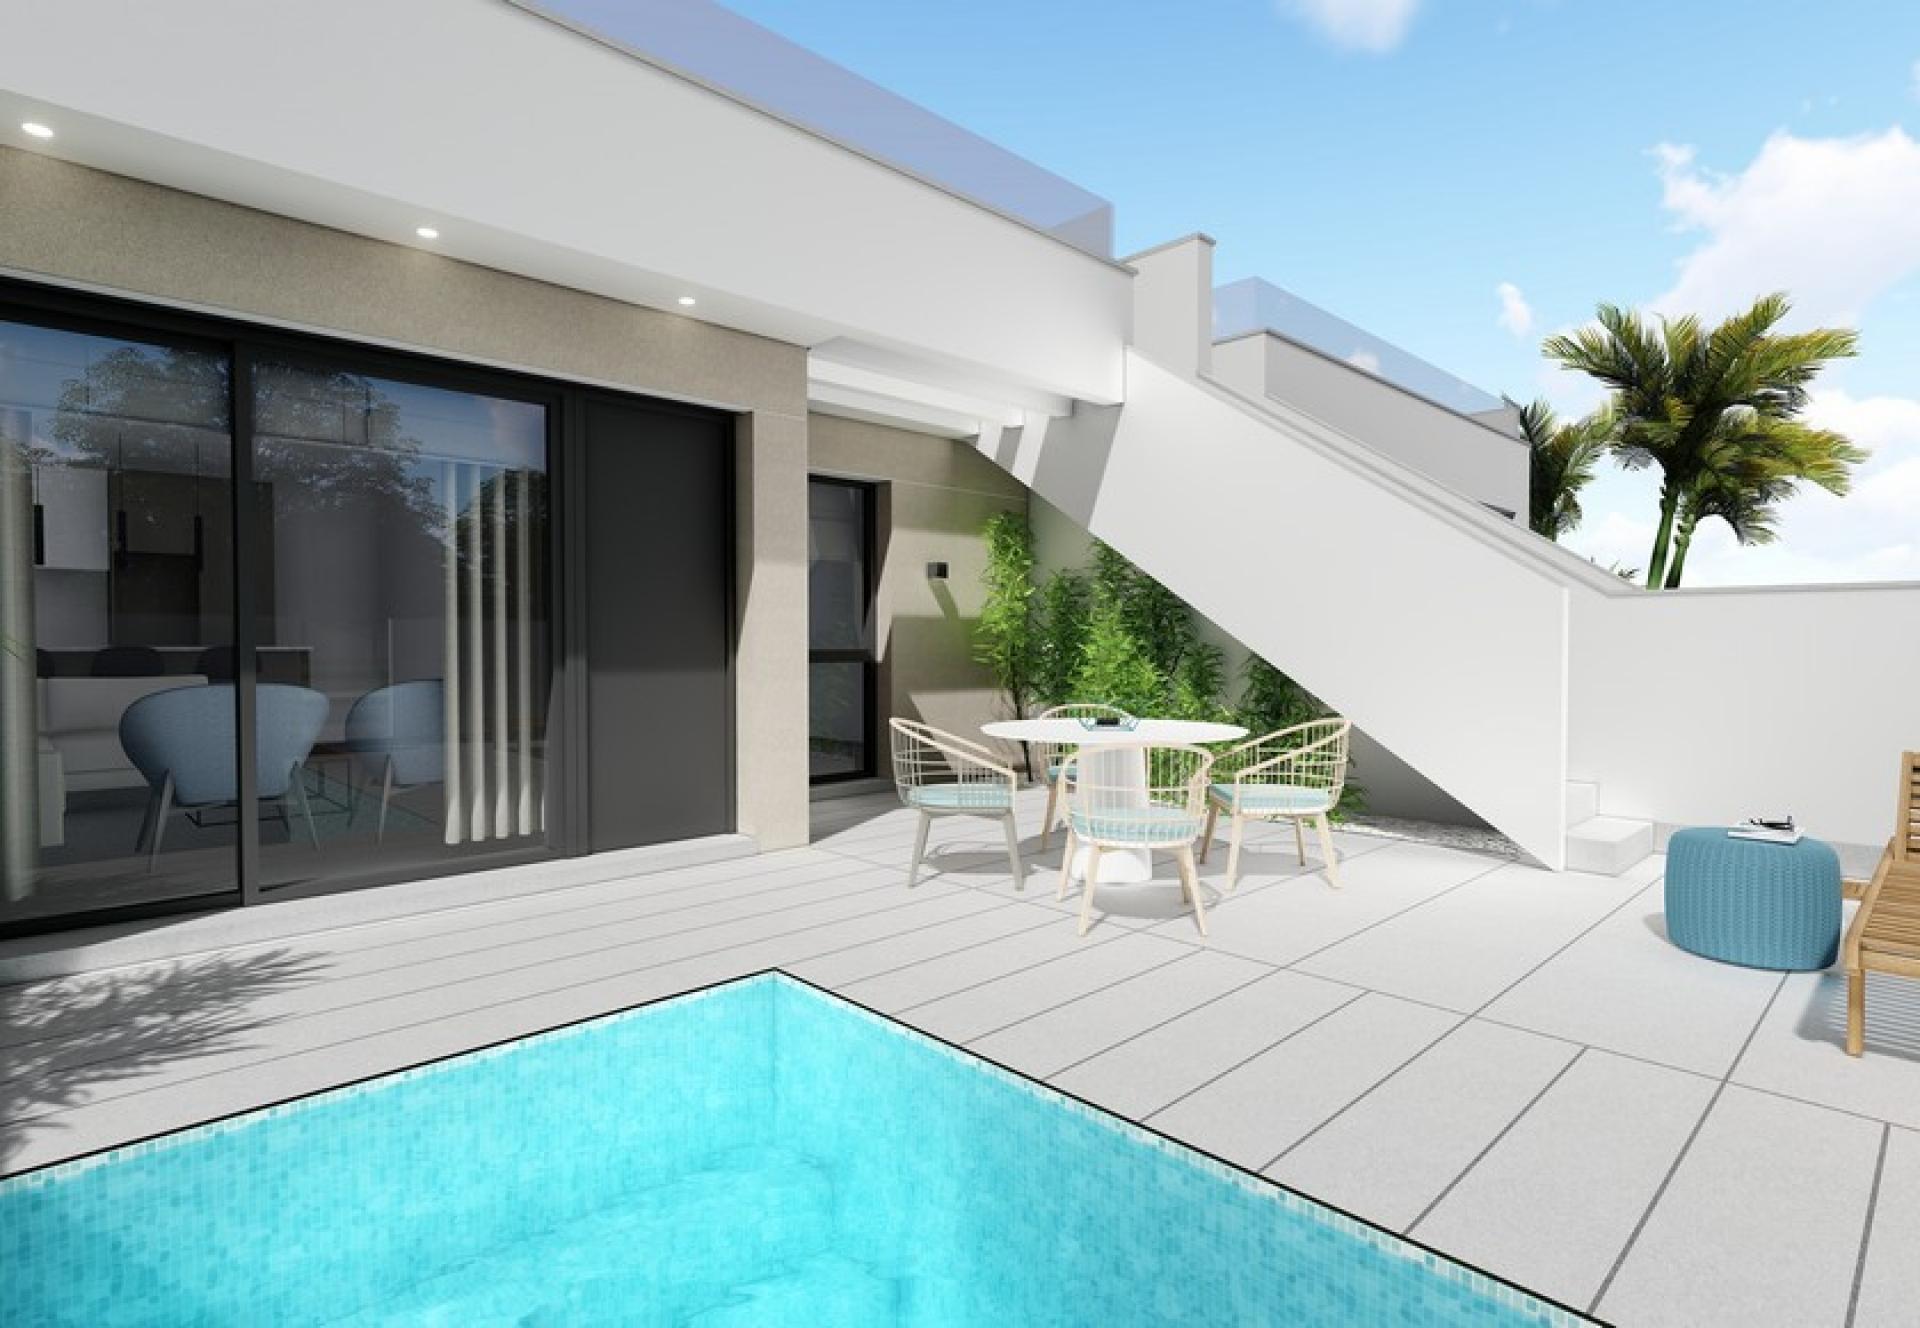 One level villa with solarium for sale Pilar de la Horadada in Medvilla Spanje